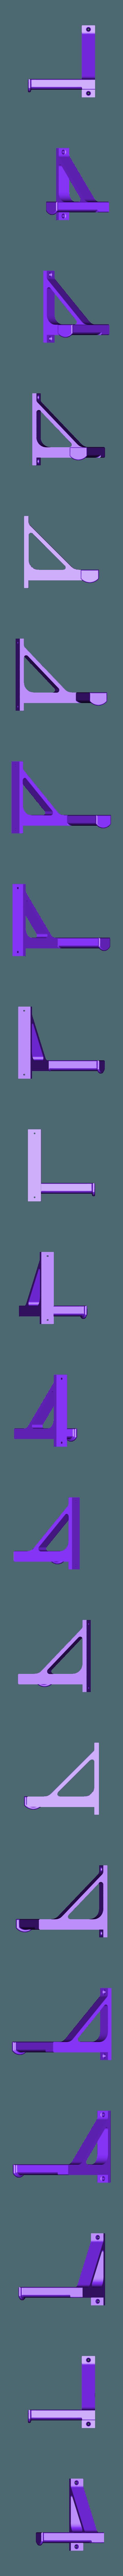 portebobine v2.stl Download free STL file wall spool holder • 3D printer template, MME